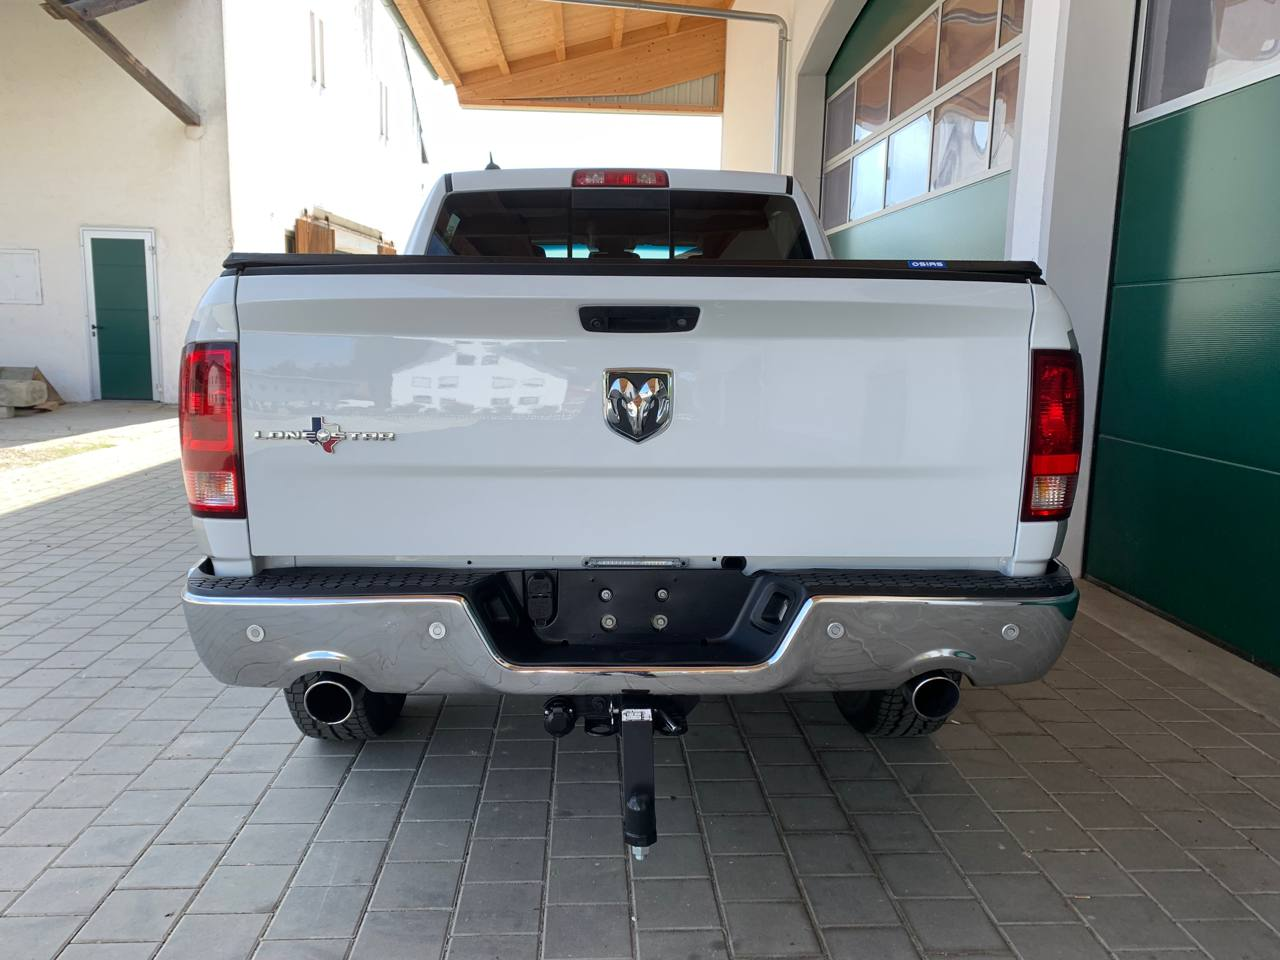 2017 Dodge Ram 1500 zubehör kaufen